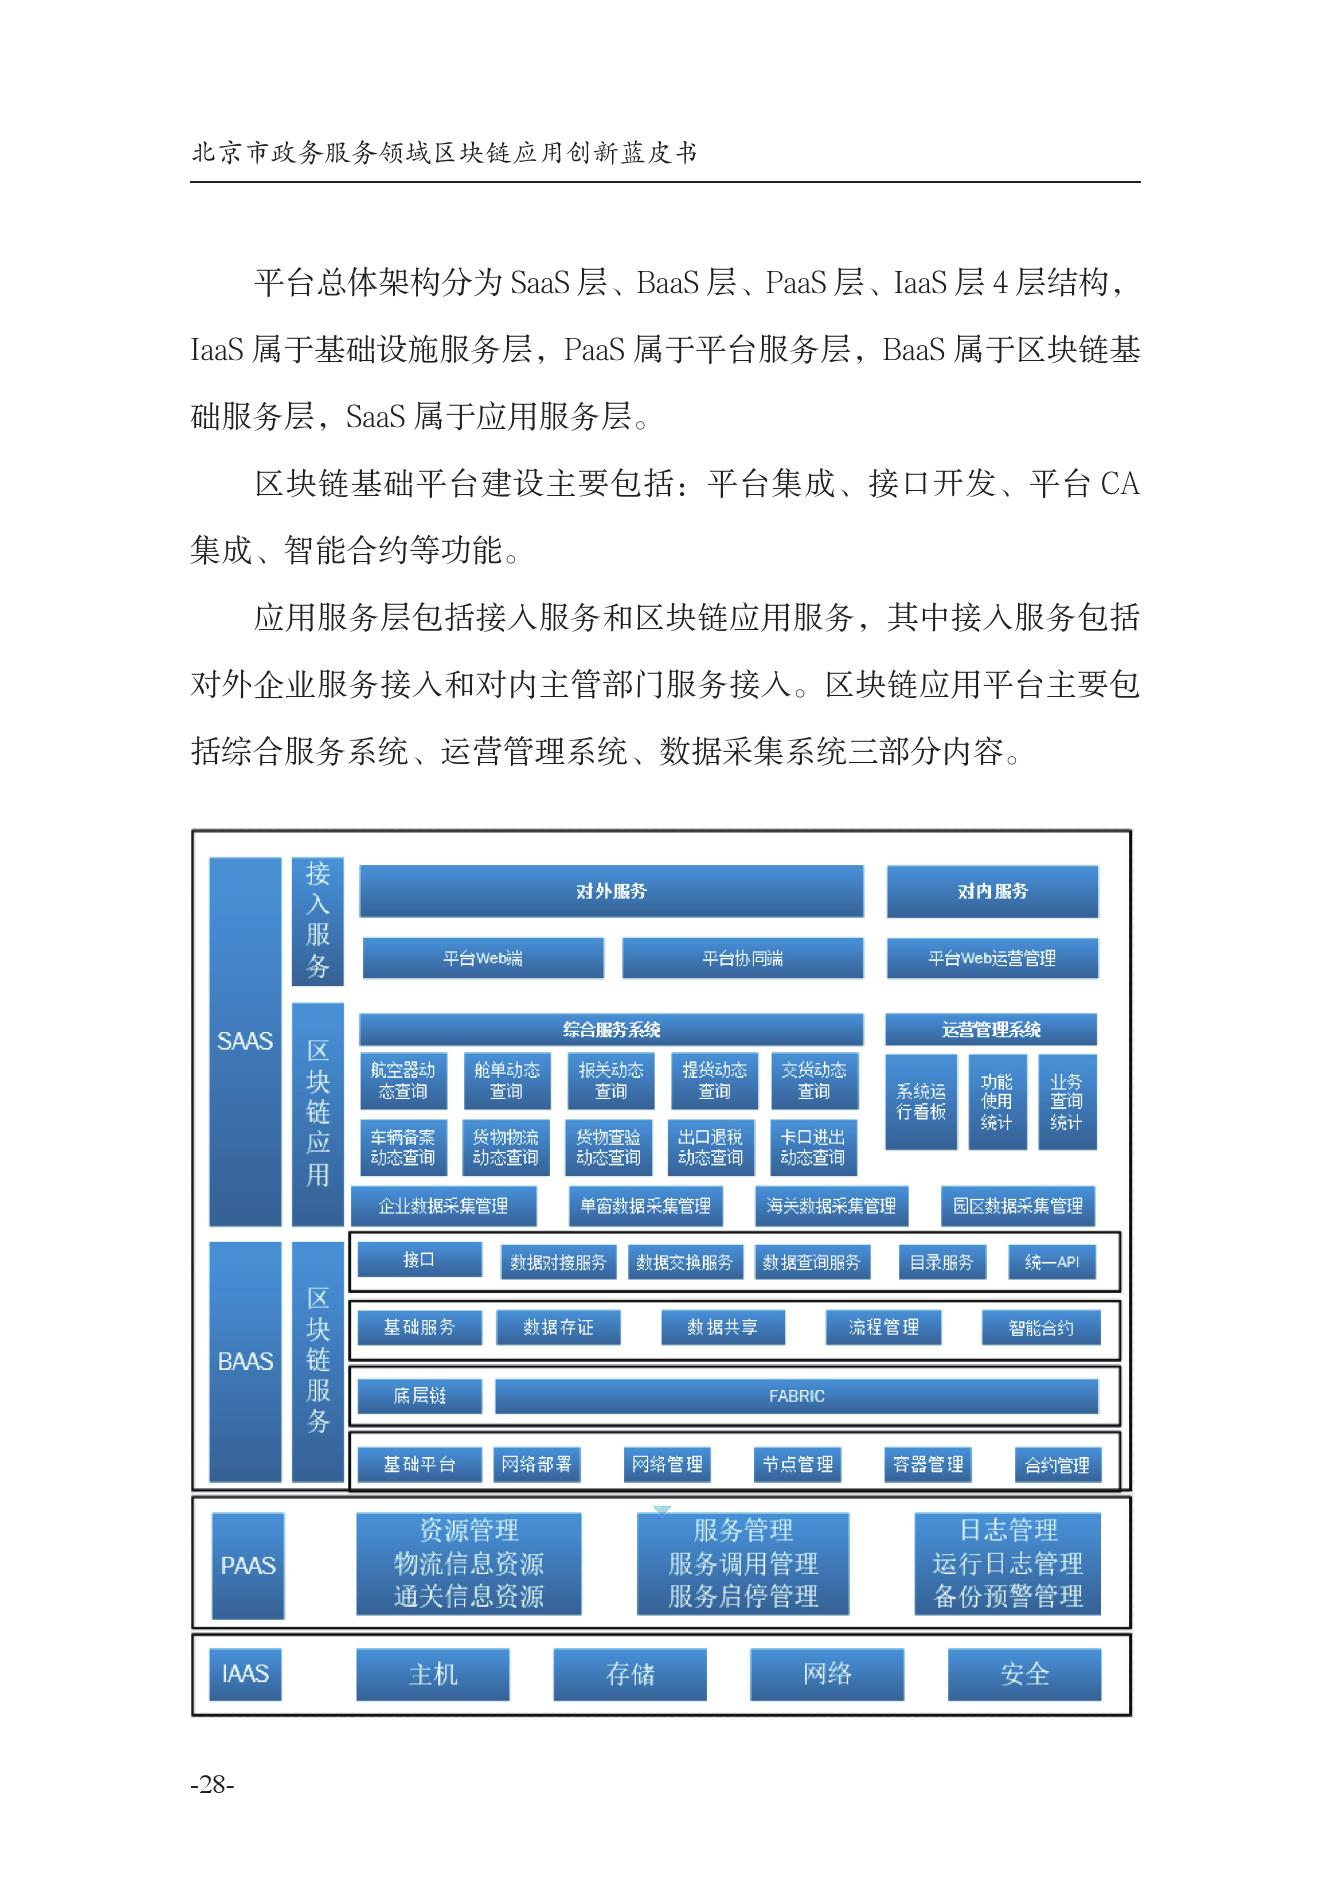 北京市政务服务领域区块链应用创新蓝皮书(可下载报告)插图(61)